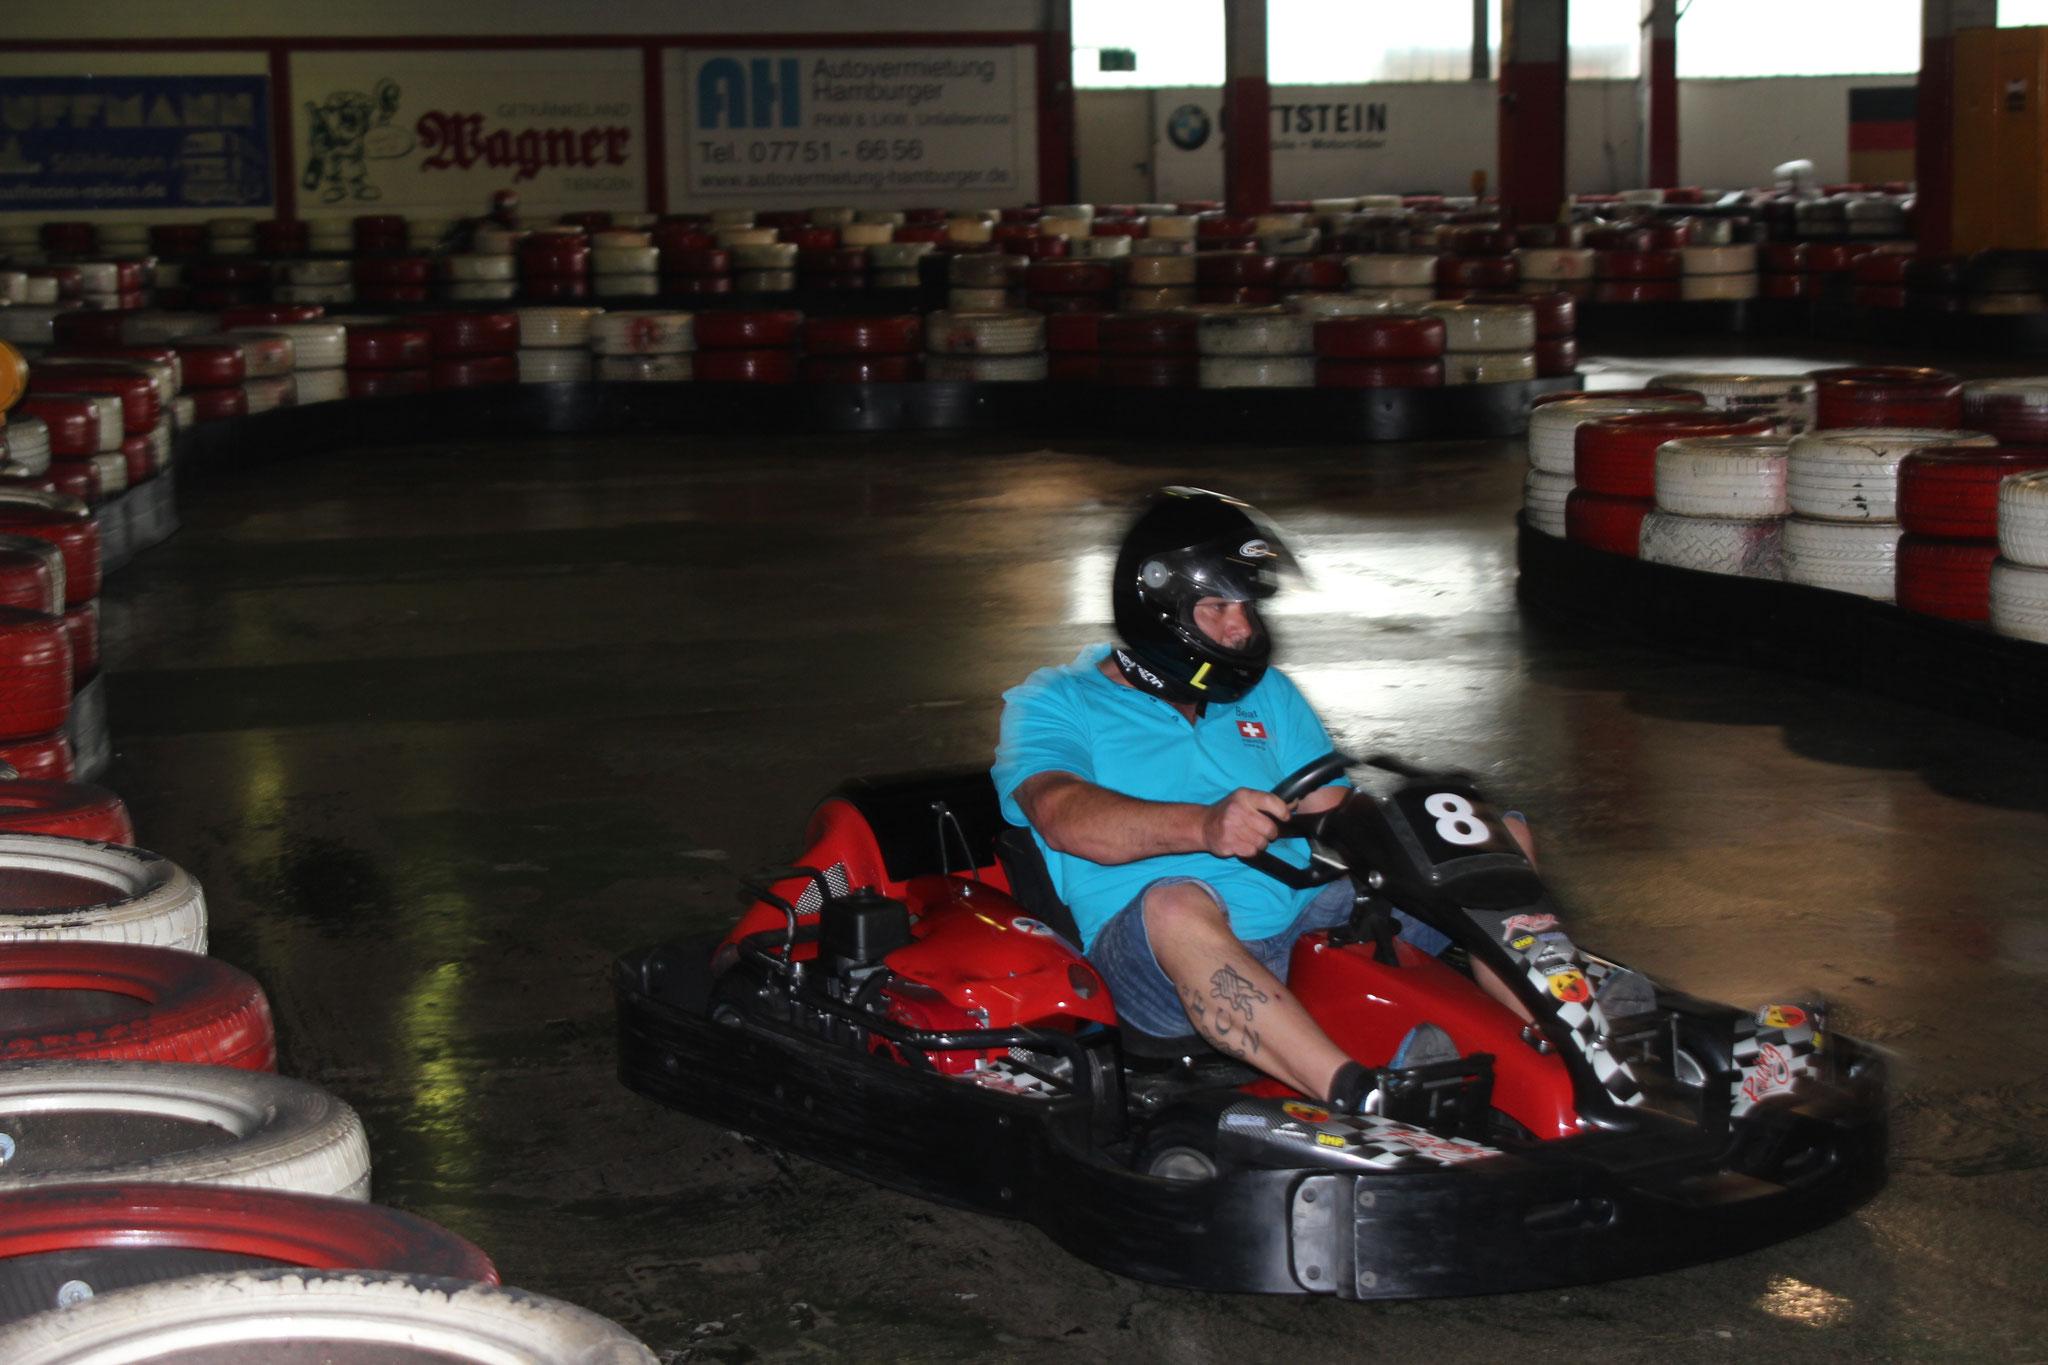 Go Kartfahrt ein schneller Fahrer